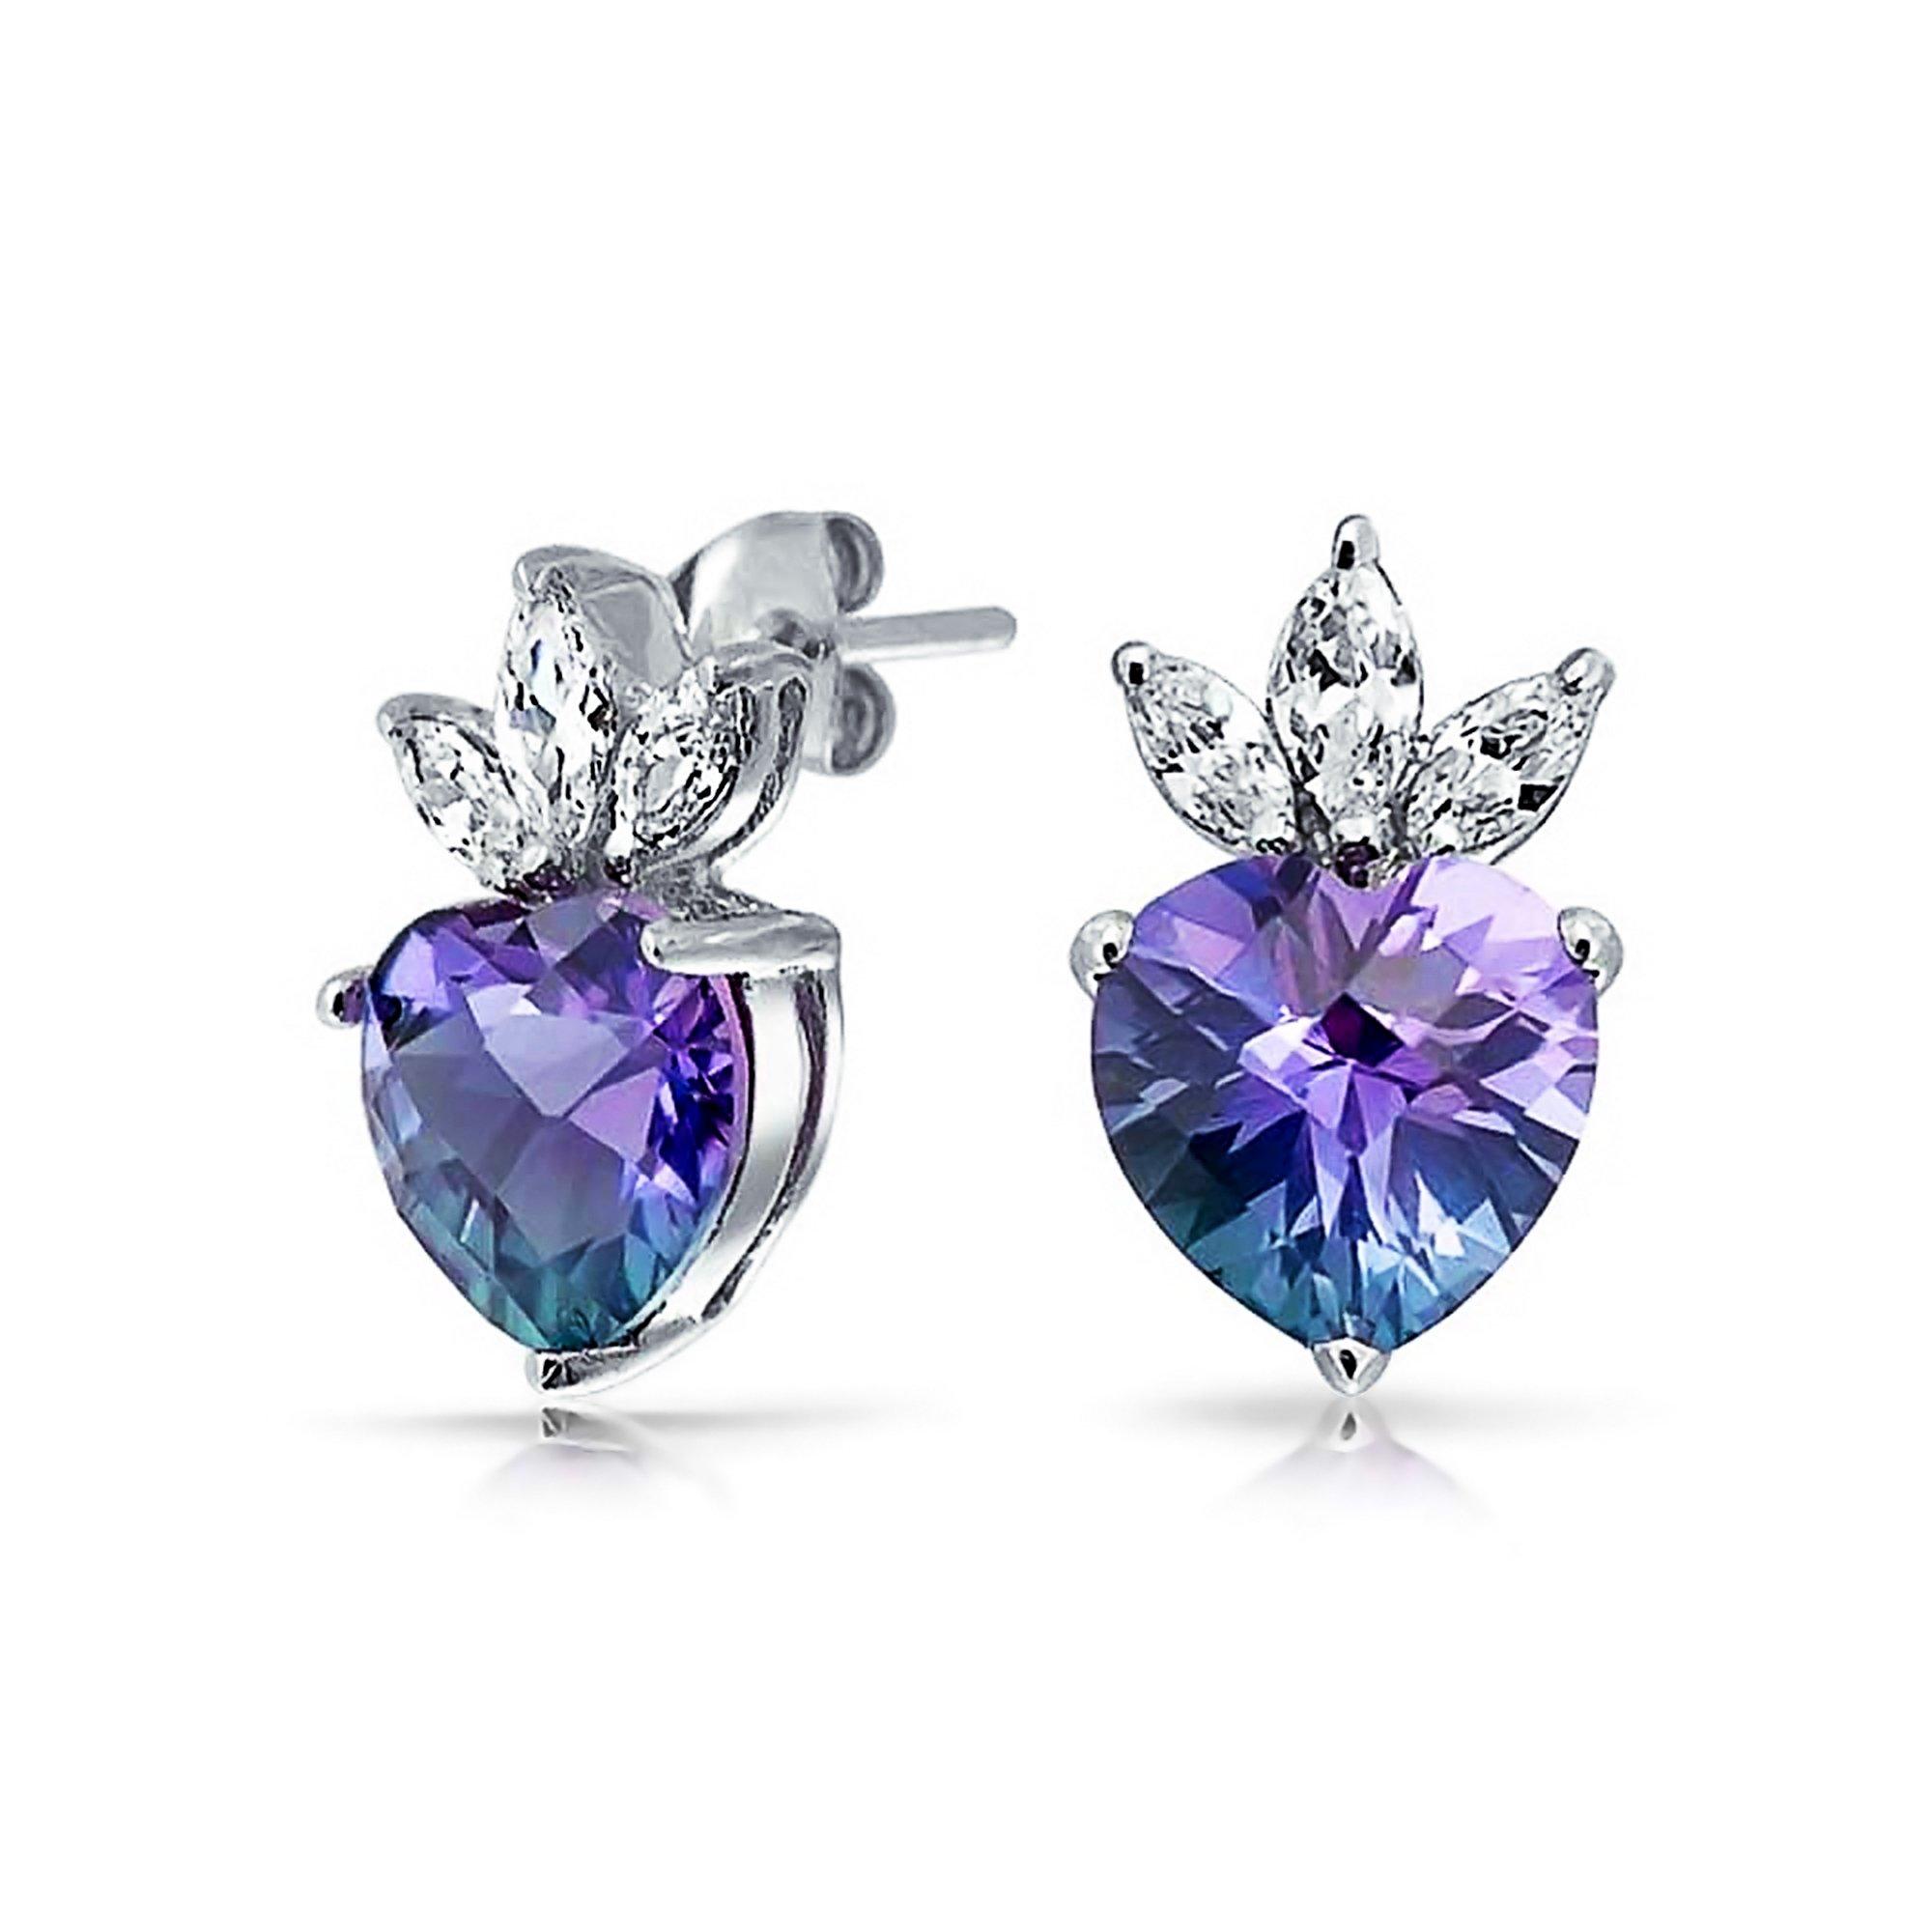 Heart Shape Crown Blue Purple Rainbow Cubic Zirconia CZ Stud Earrings For Women 925 Sterling Silver